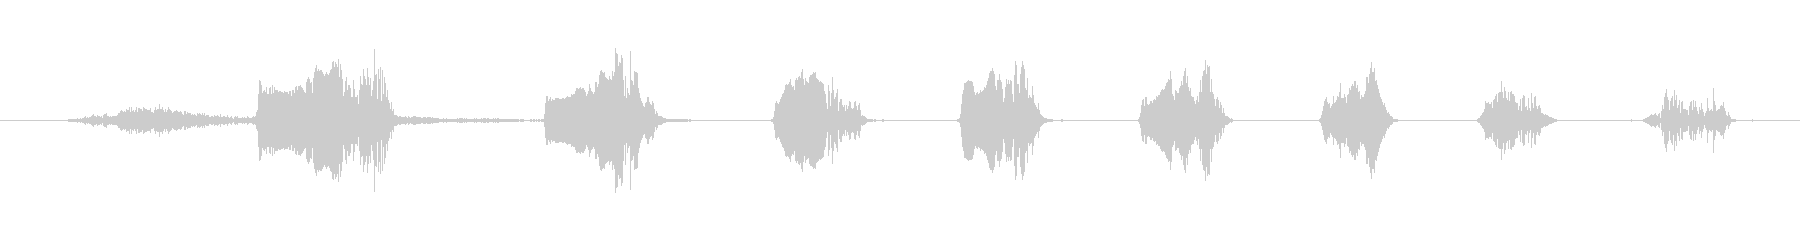 鳴き声 笑いのグローティング04の未再生の波形